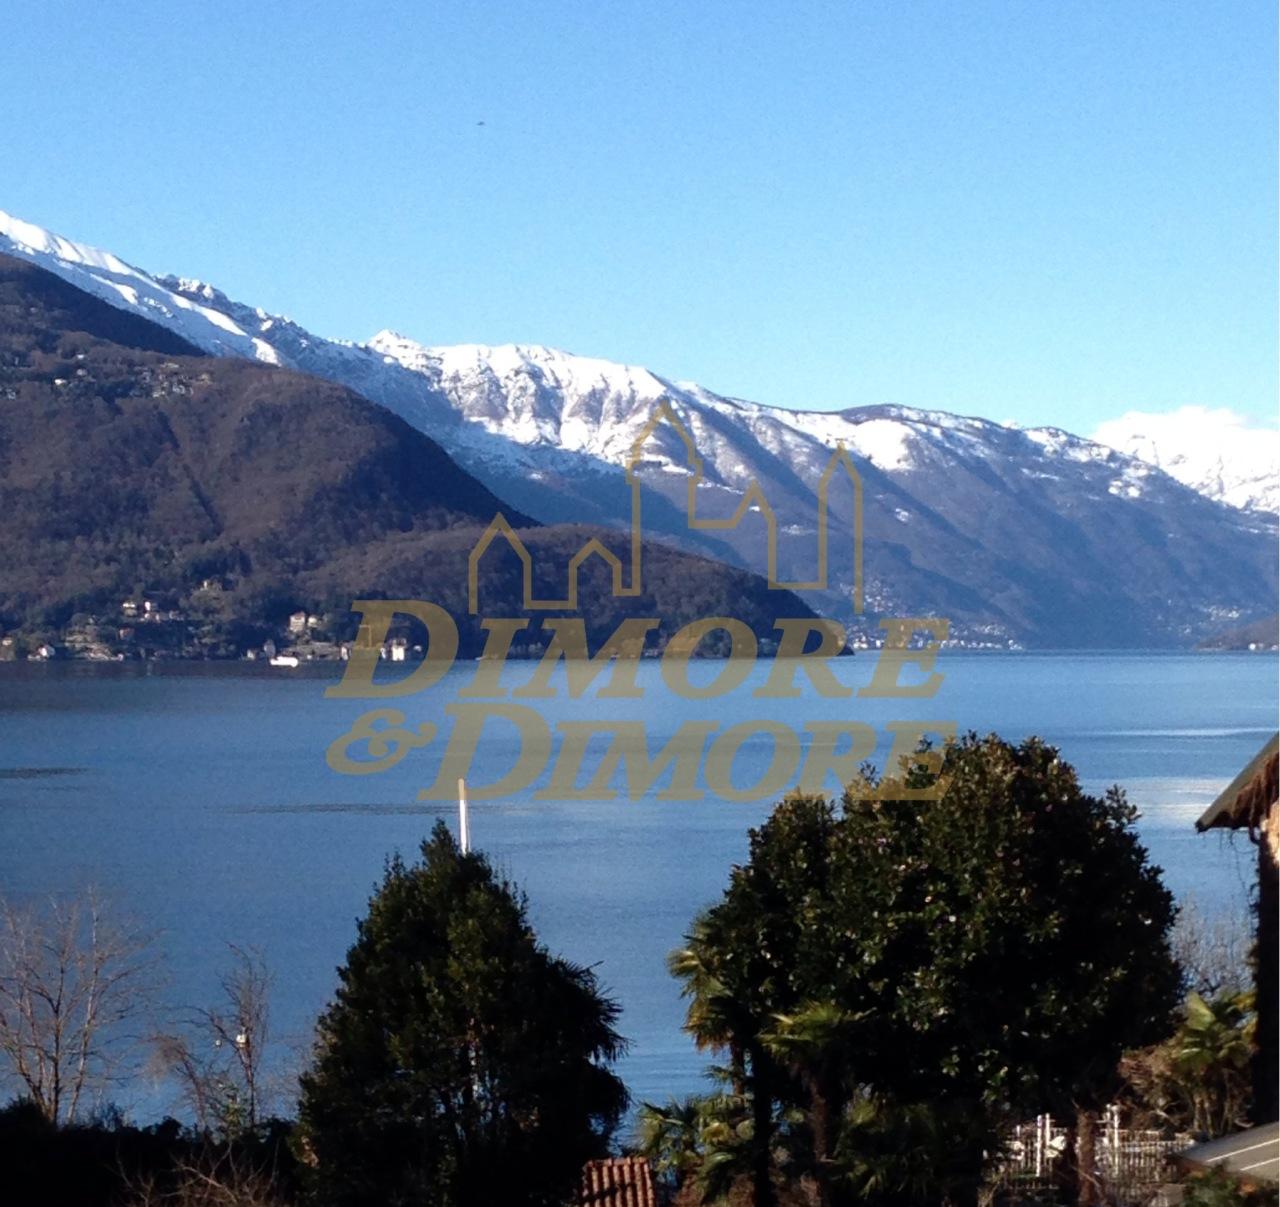 Terreno Edificabile Residenziale in vendita a Brezzo di Bedero, 20 locali, Trattative riservate | CambioCasa.it